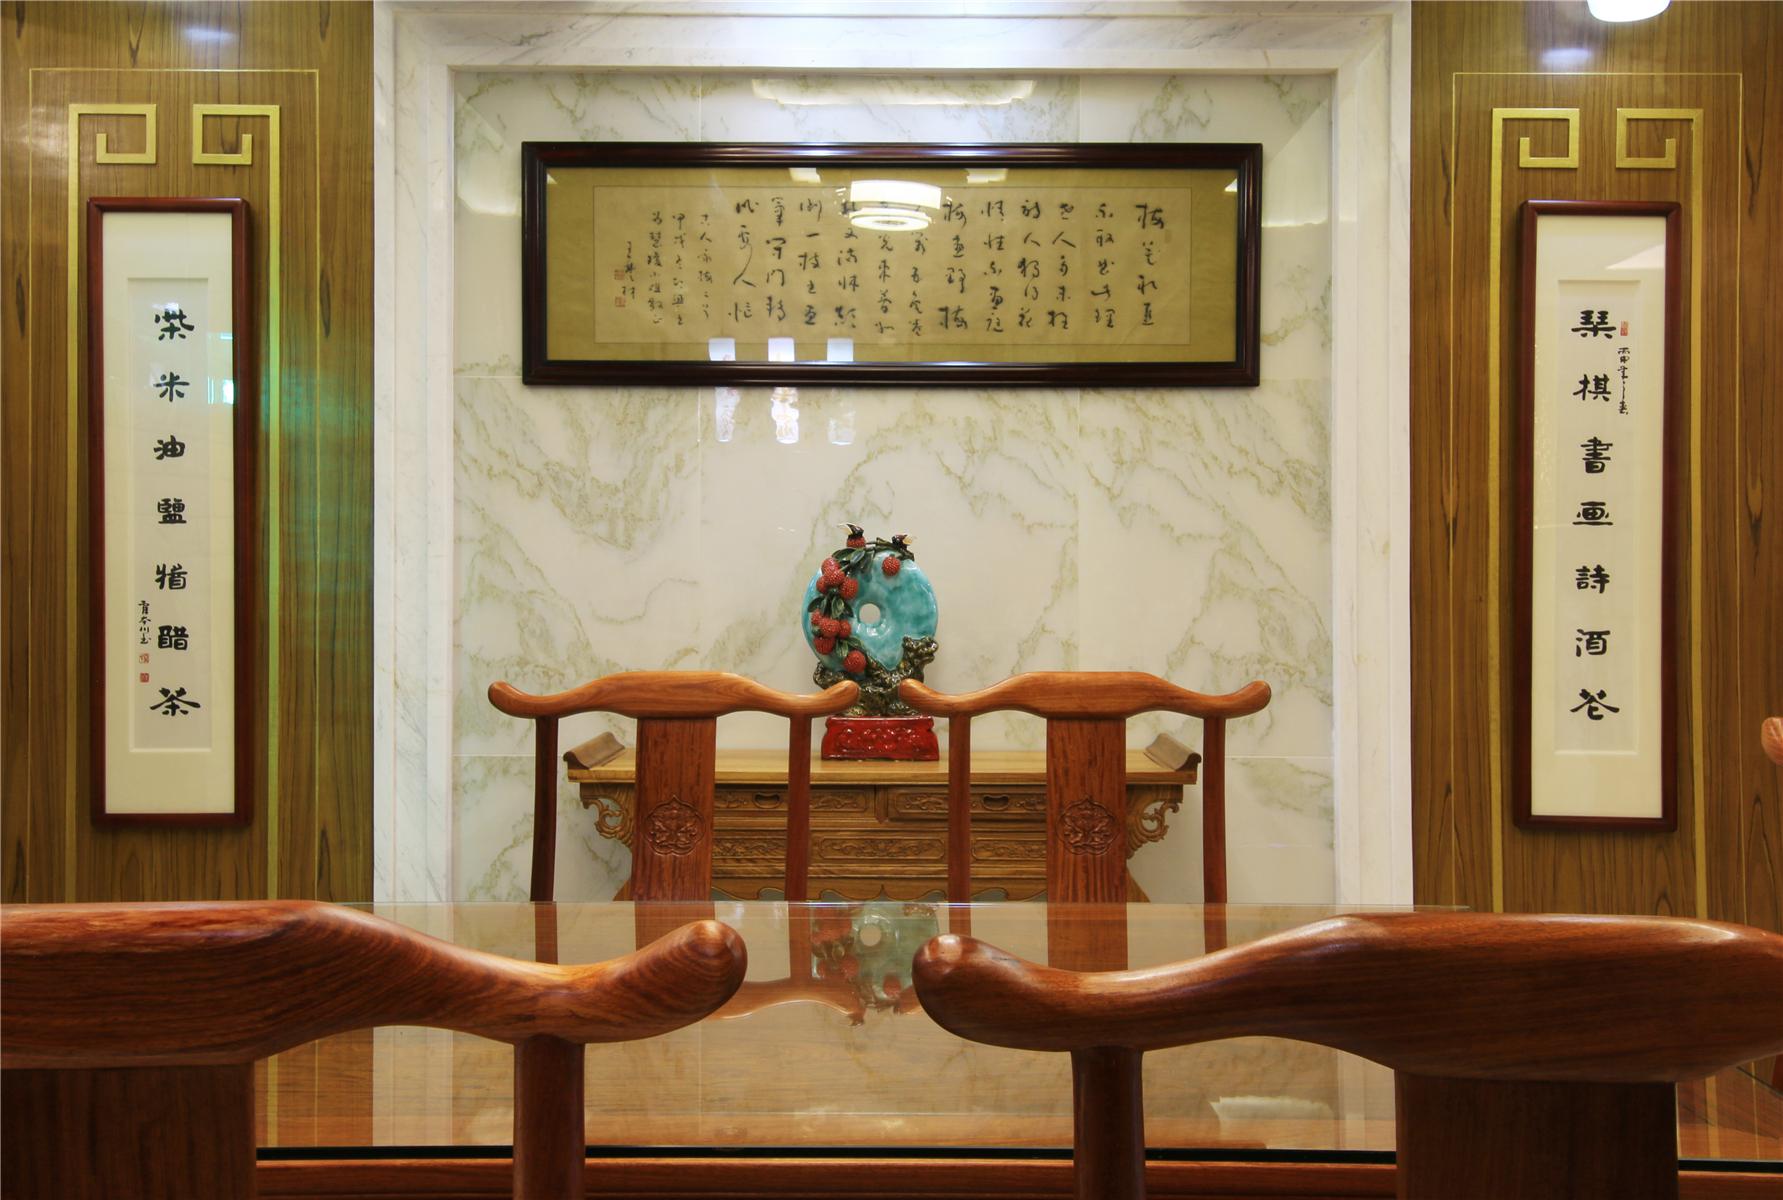 中式风格别墅餐厅背景墙装修效果图